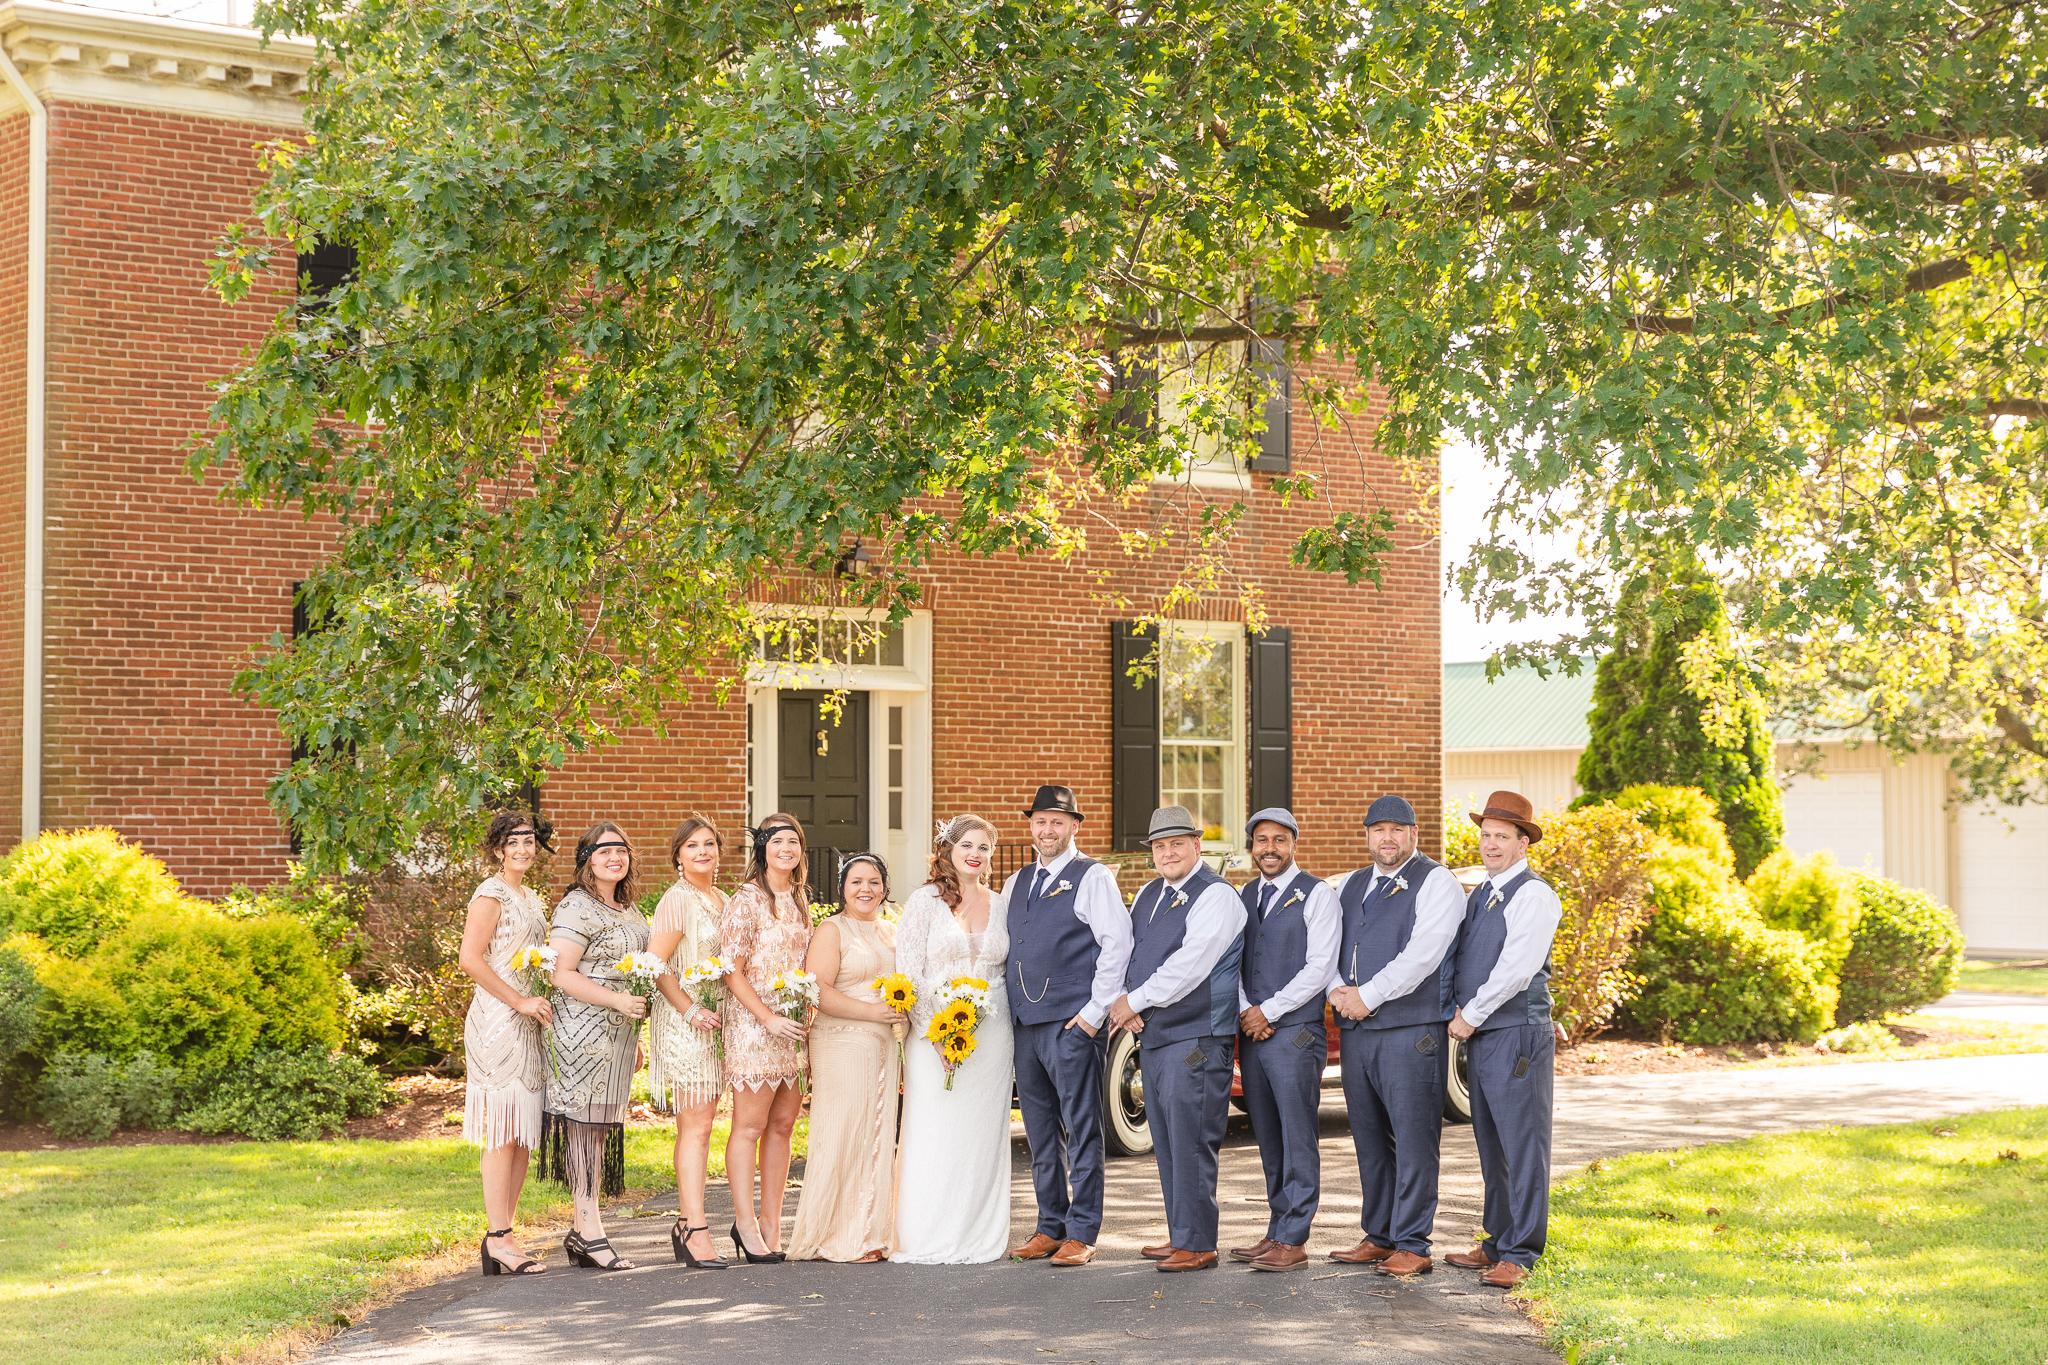 Brittland-Estates-Wedding-photos-104.jpg